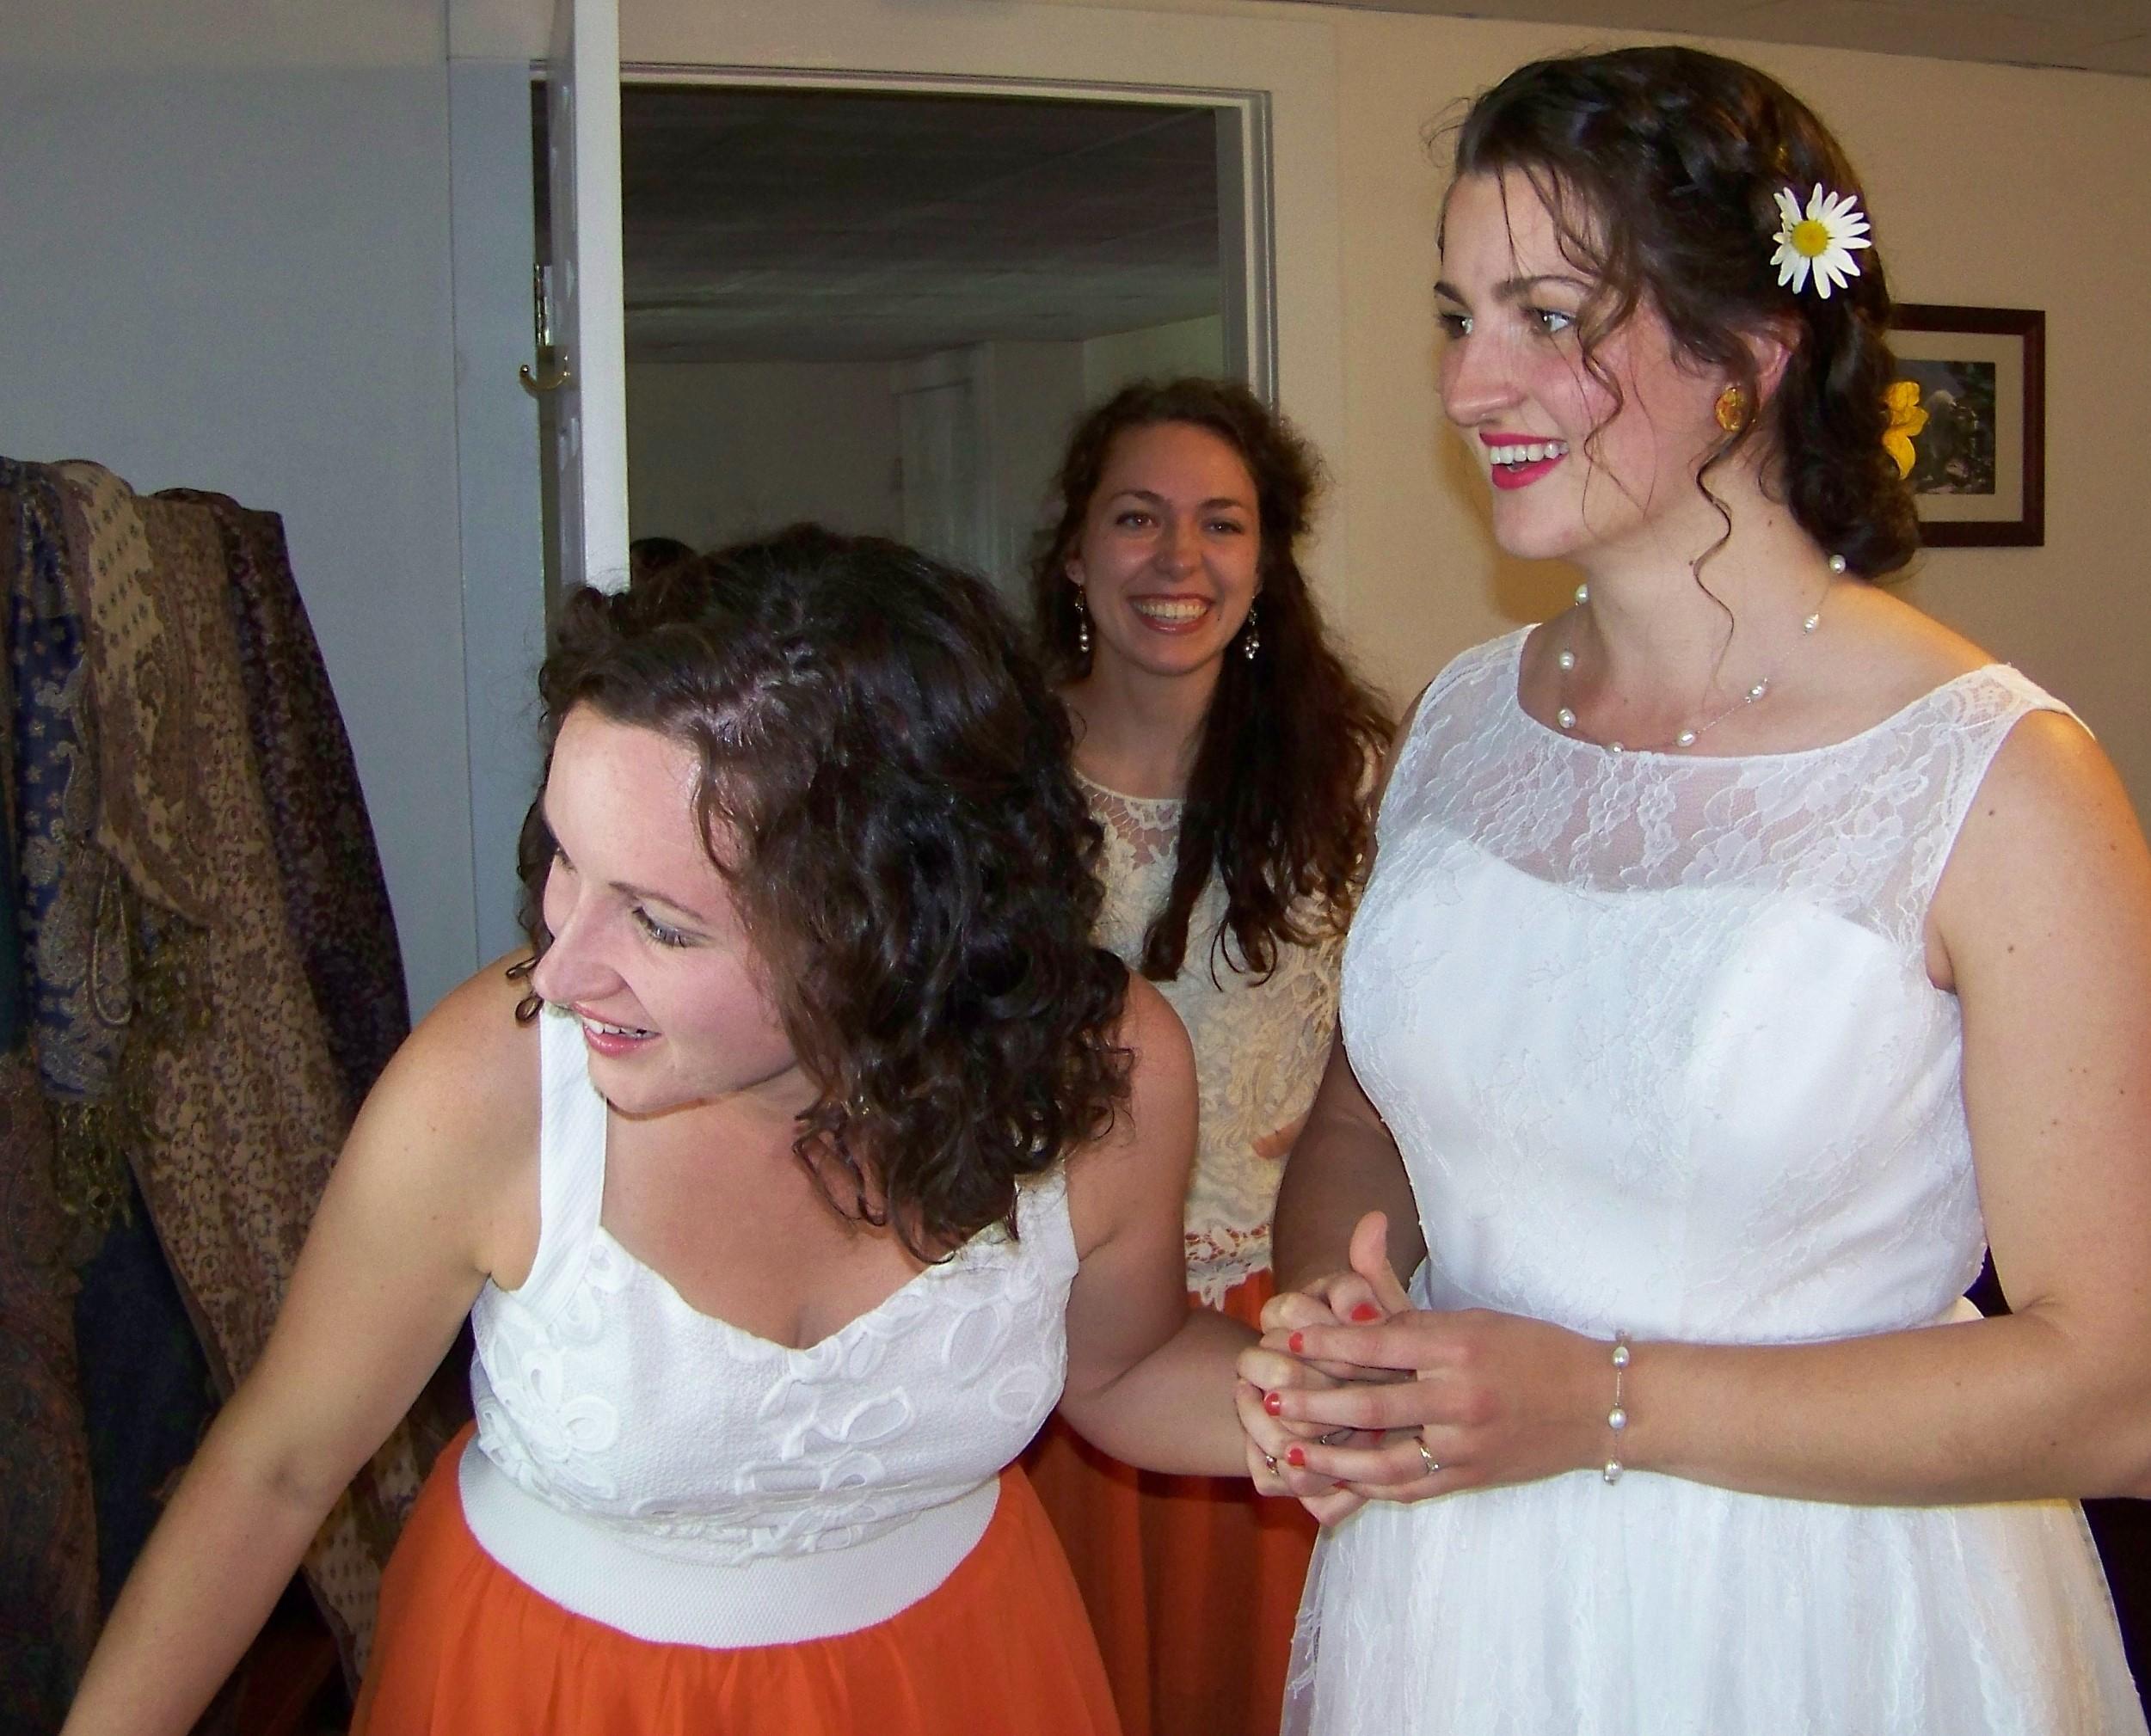 Sisters at a wedding.